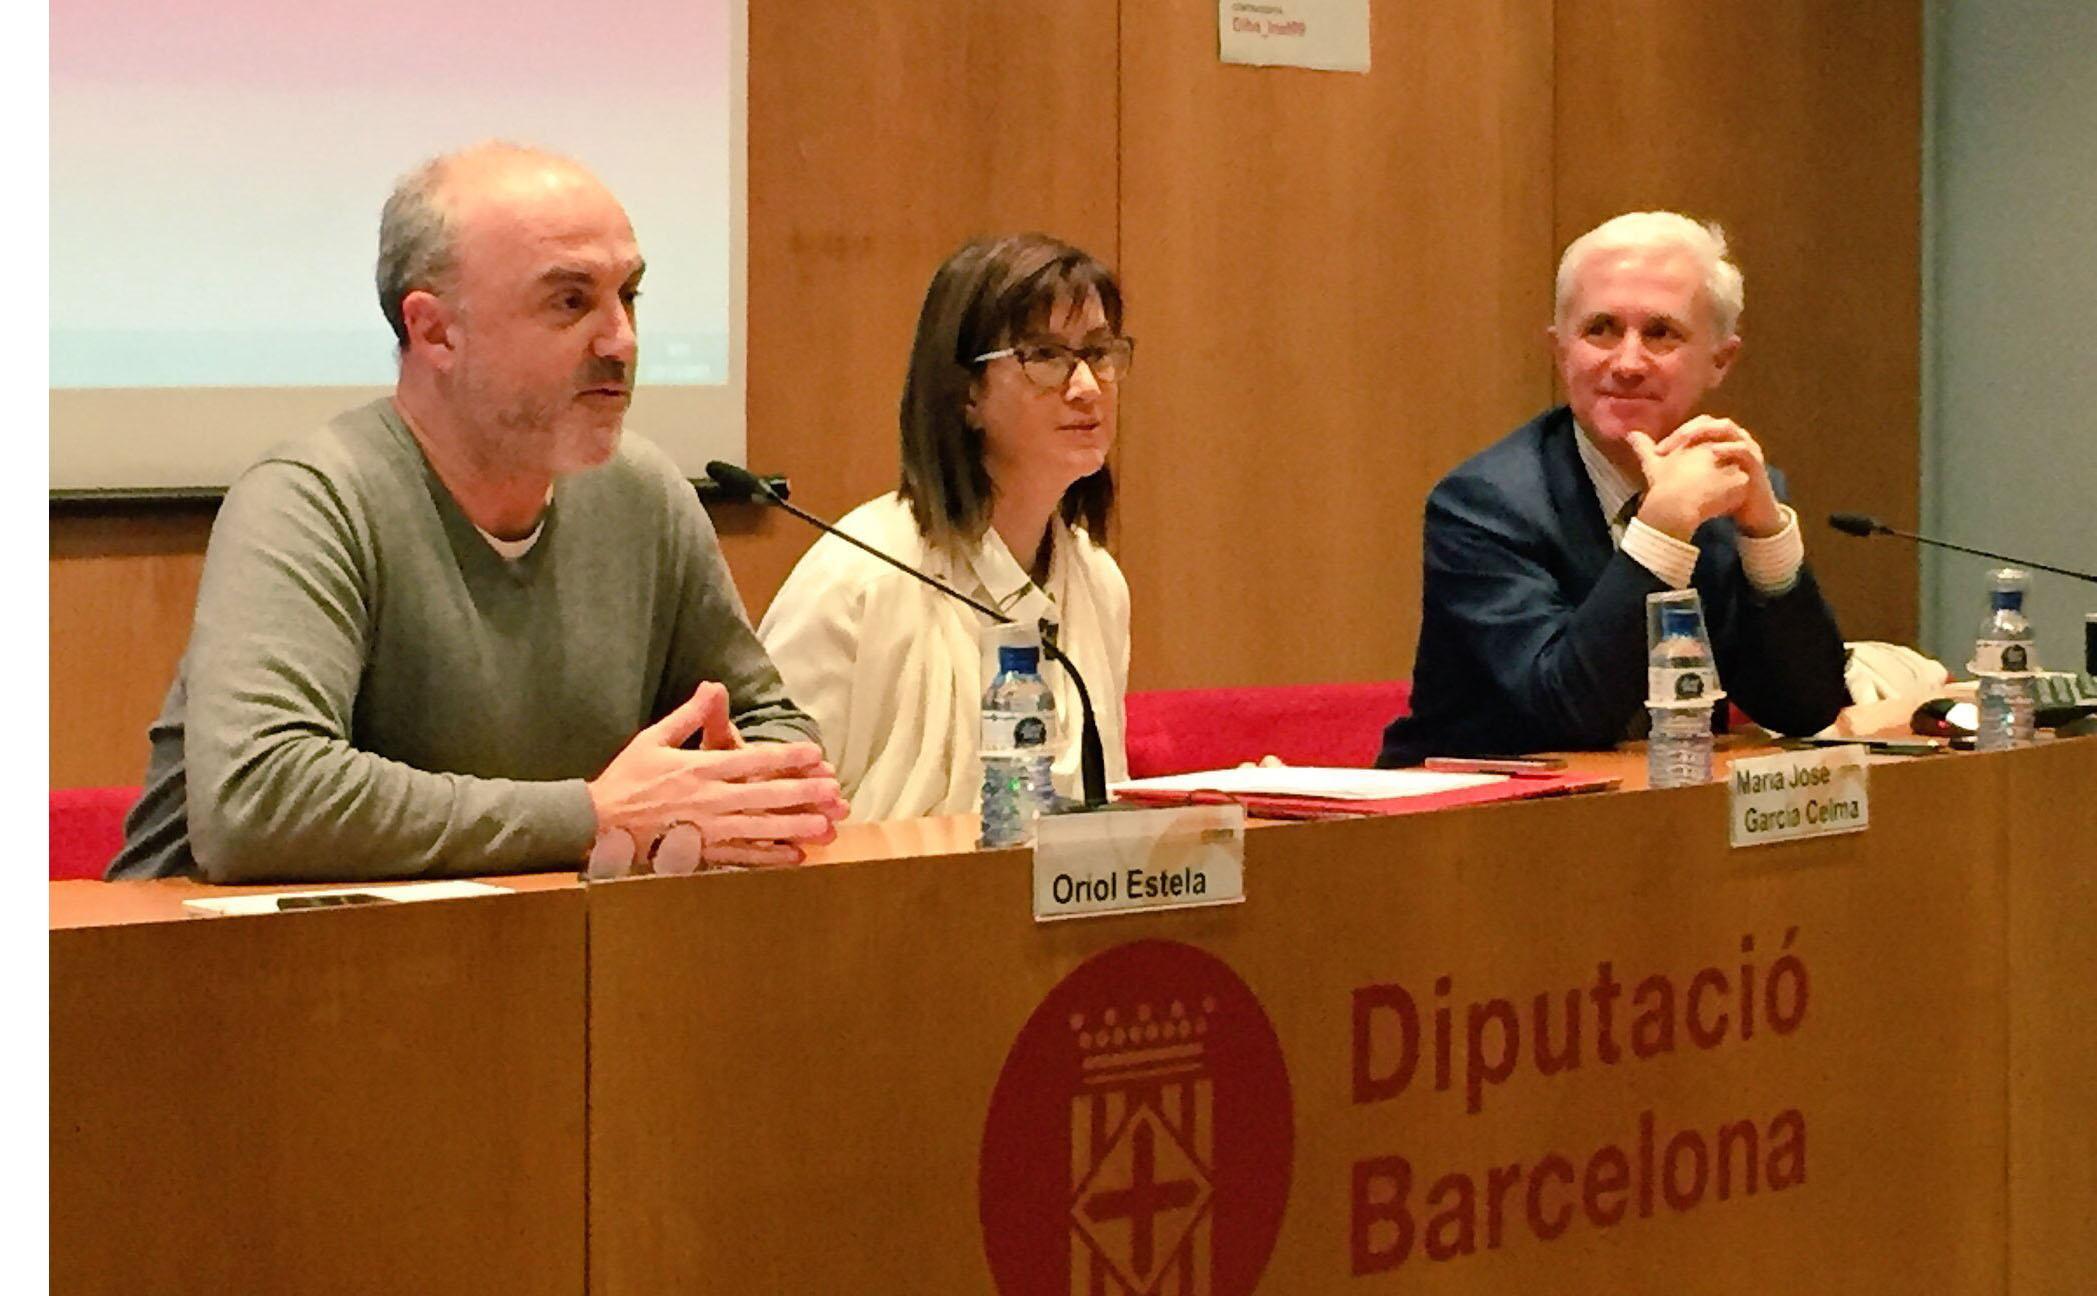 Oriol Estela, María José Celma i Andrea Calori